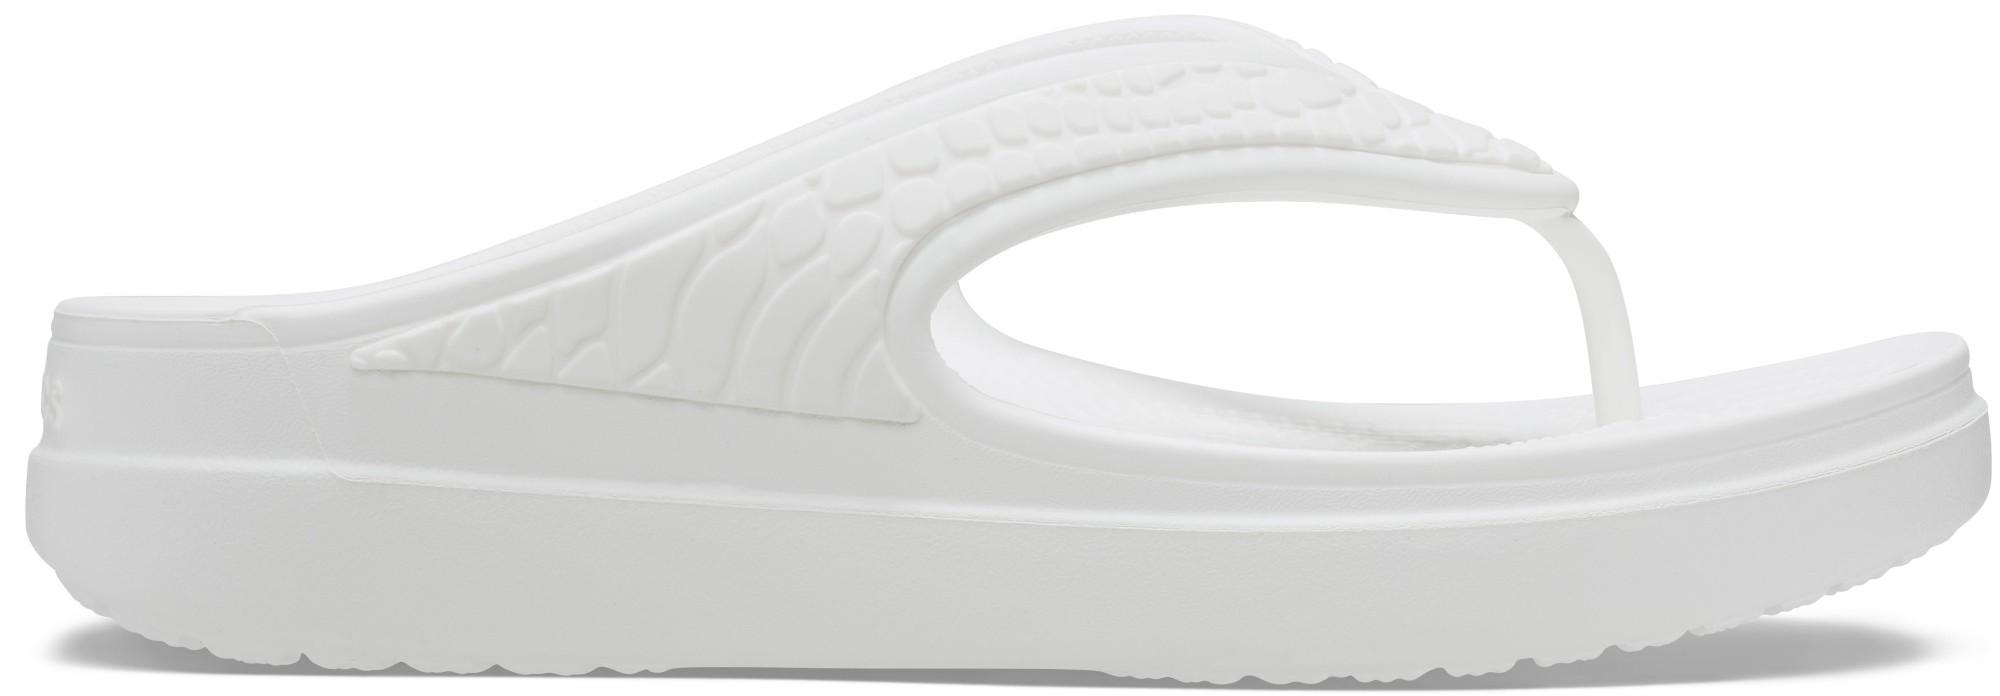 Crocs™ Sloane Snake Wedge Flip White 36,5